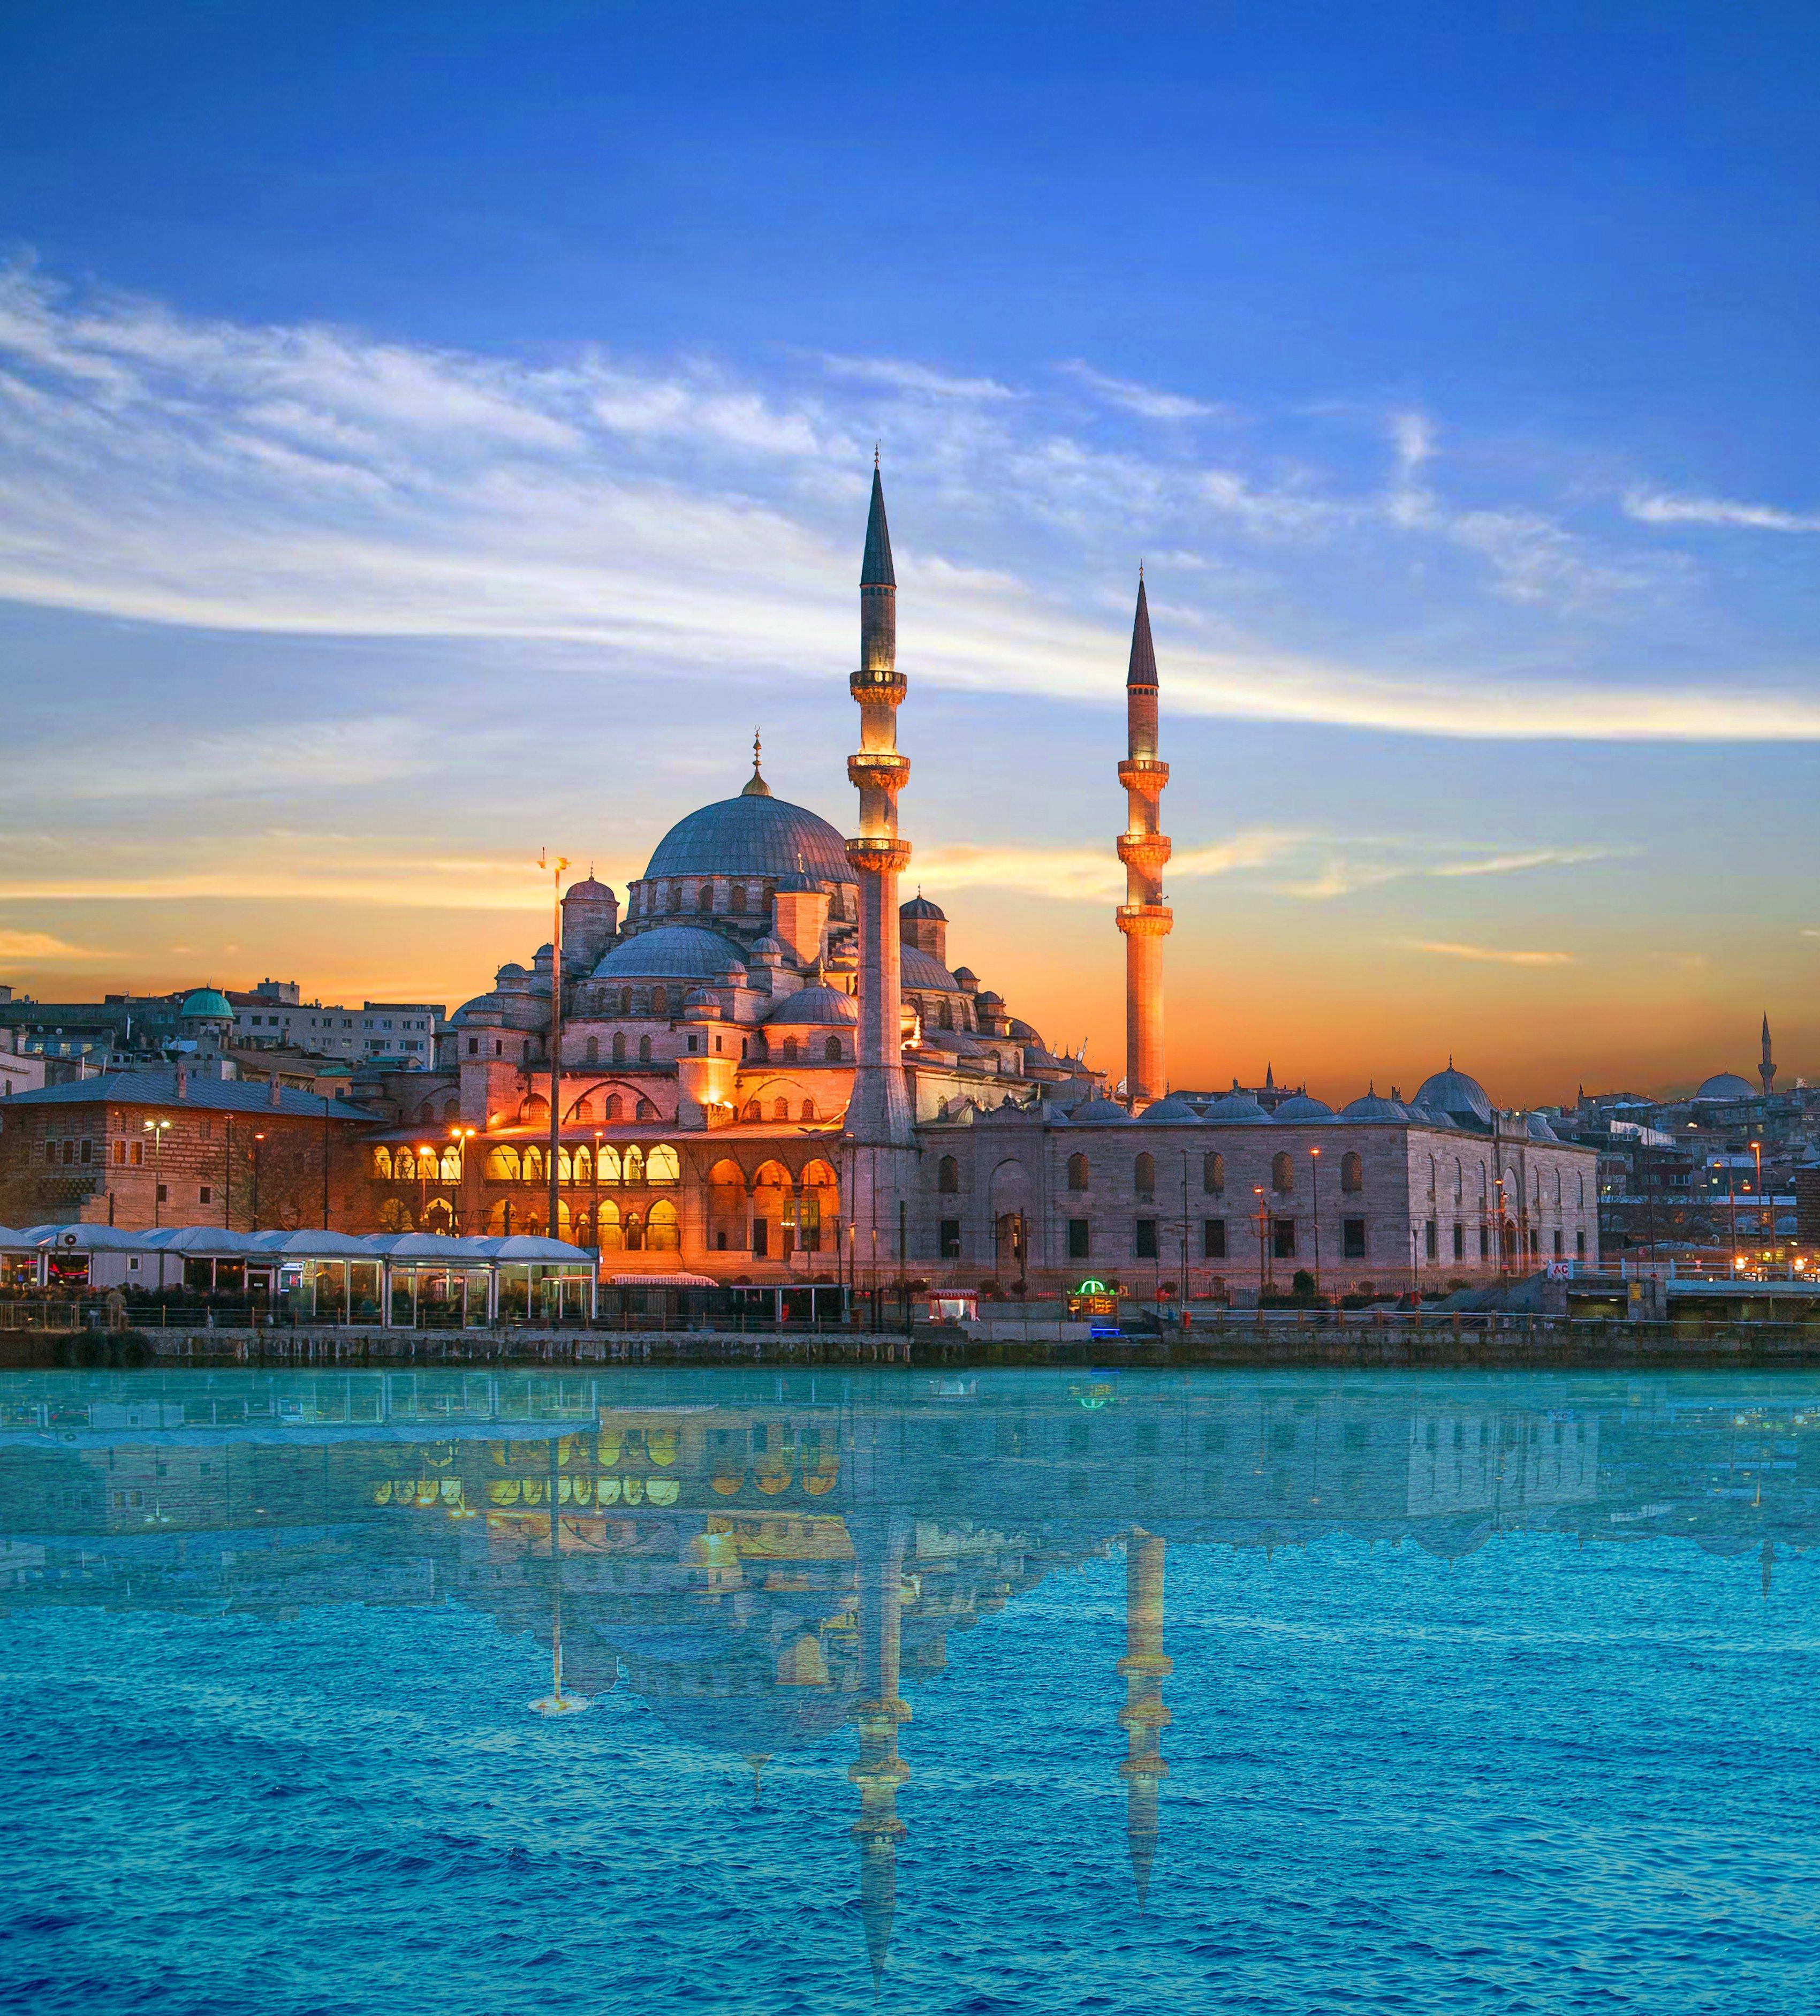 Mezquita Nueva al sur del Puente de Gálata, en Estambul, Turquía